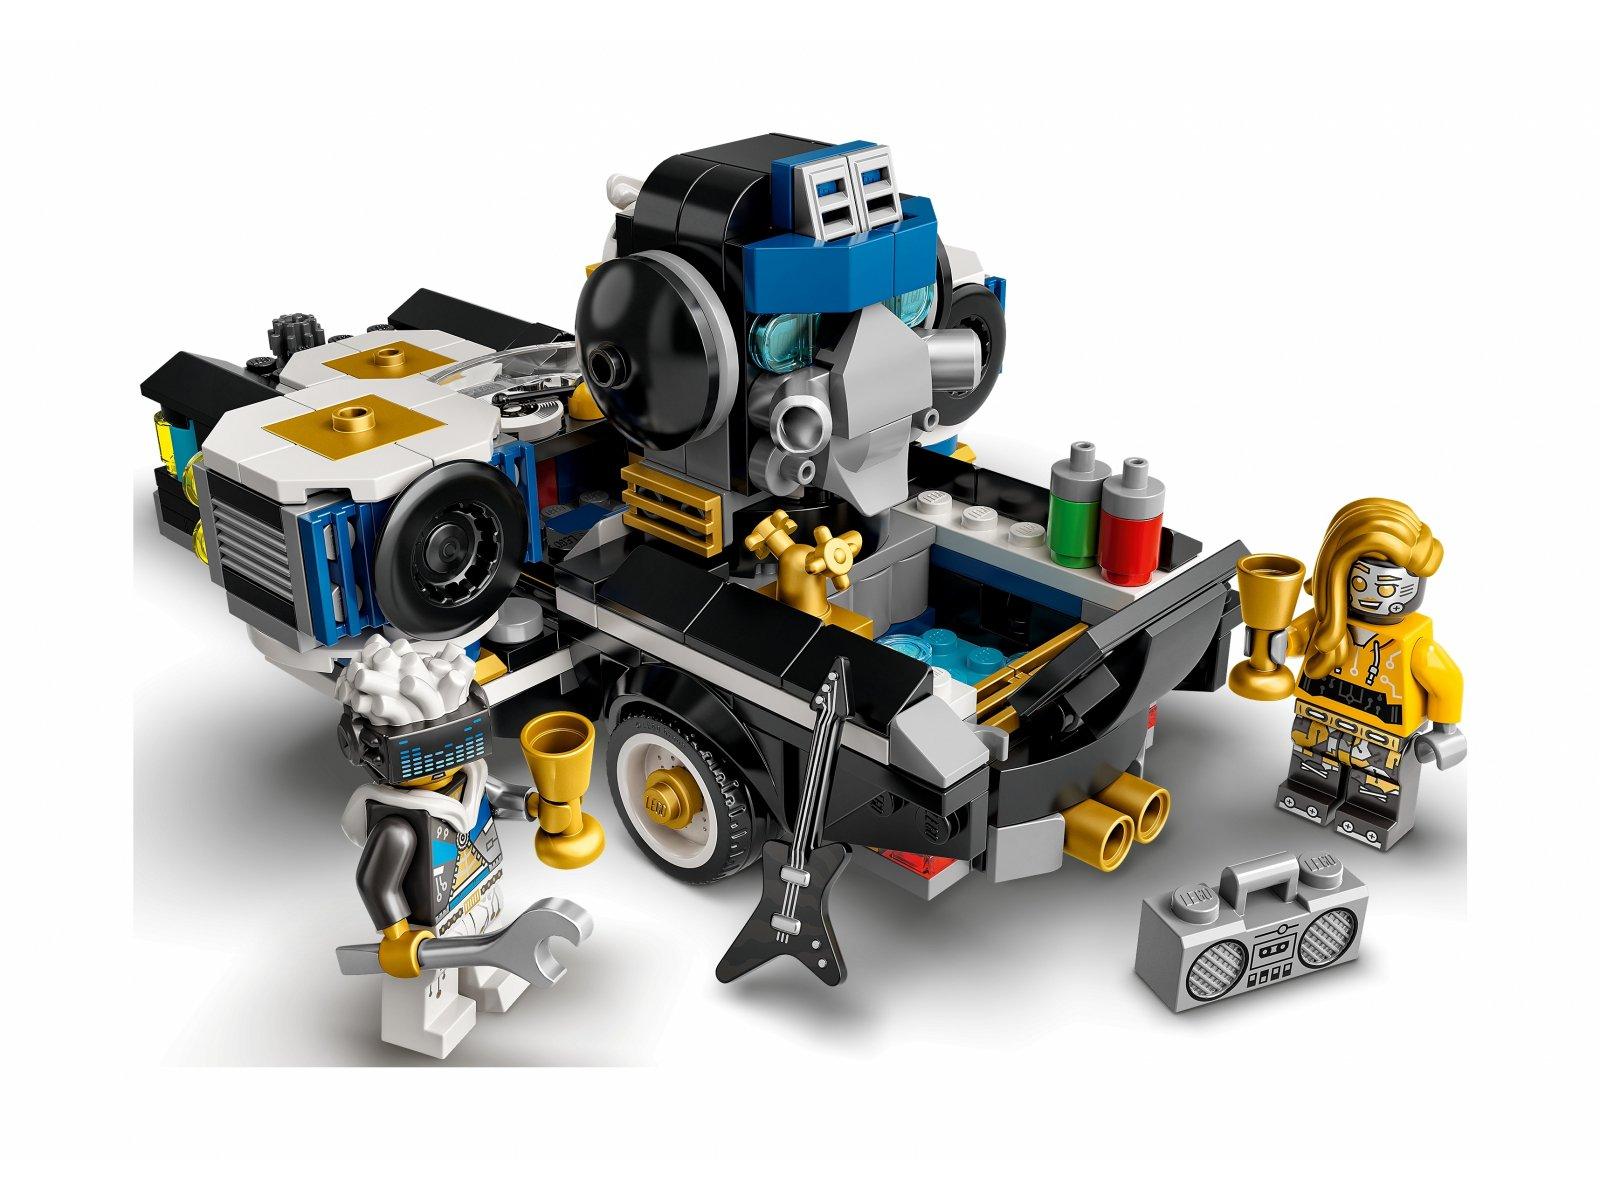 LEGO 43112 VIDIYO Robo HipHop Car